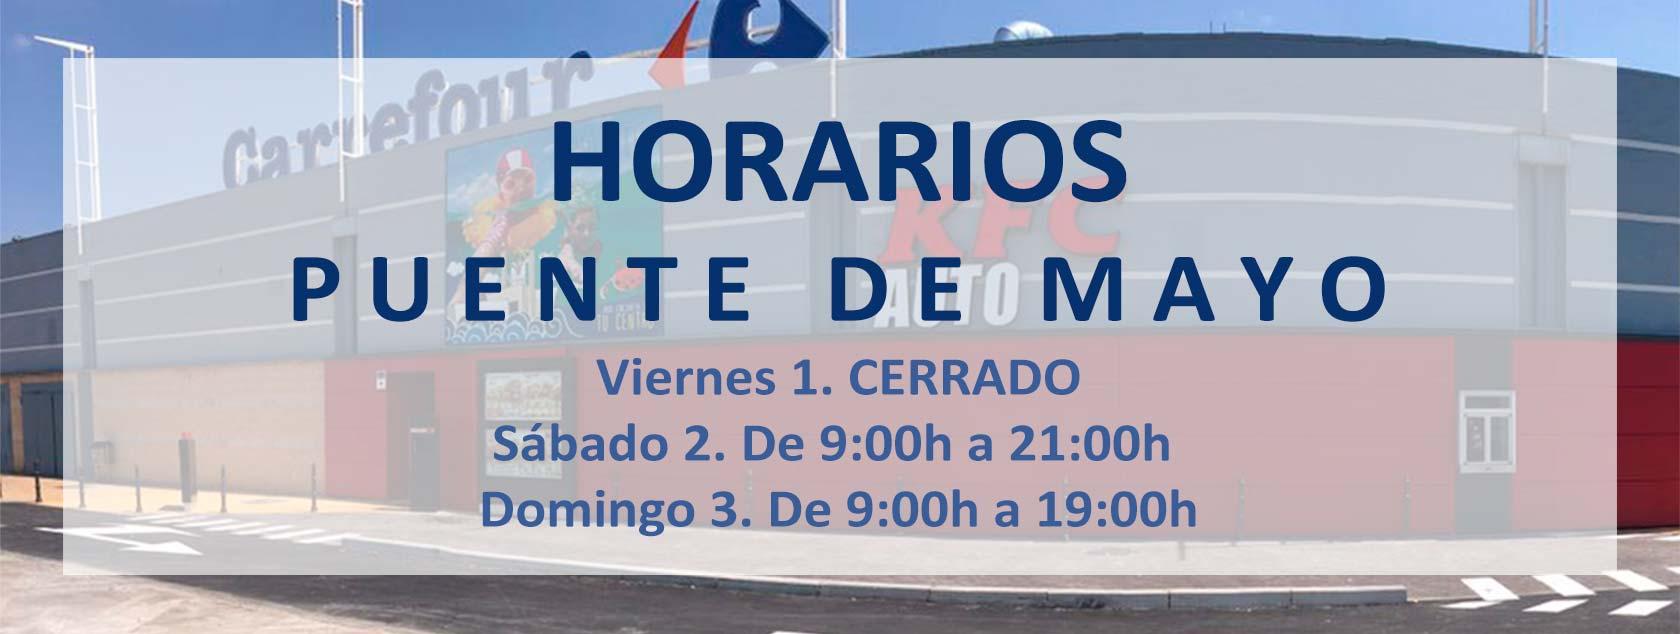 Horarios Puente de Mayo 2020 en CC El Ferial (Parla)